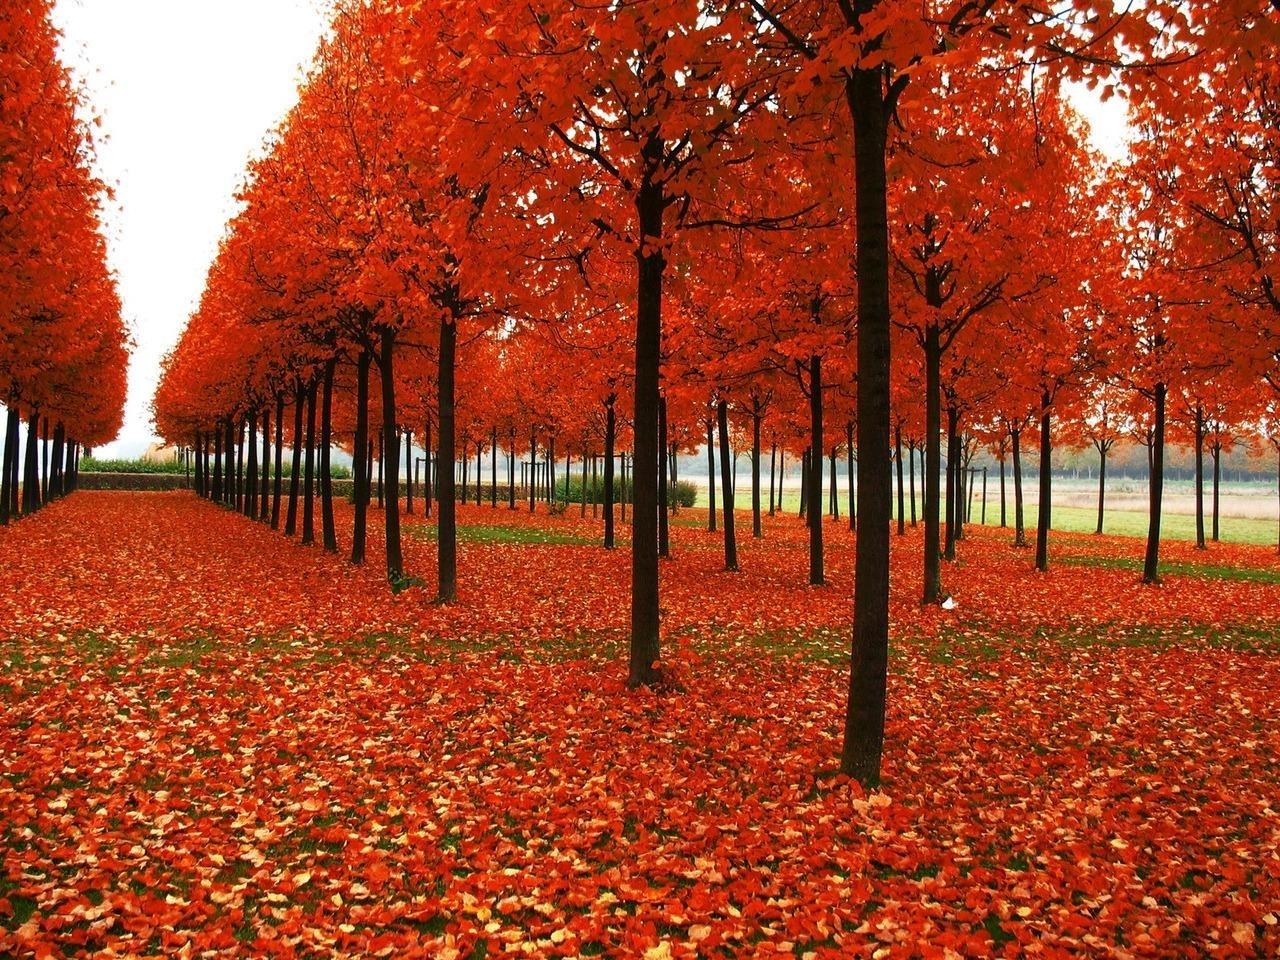 24554 скачать обои Пейзаж, Деревья, Осень, Листья - заставки и картинки бесплатно